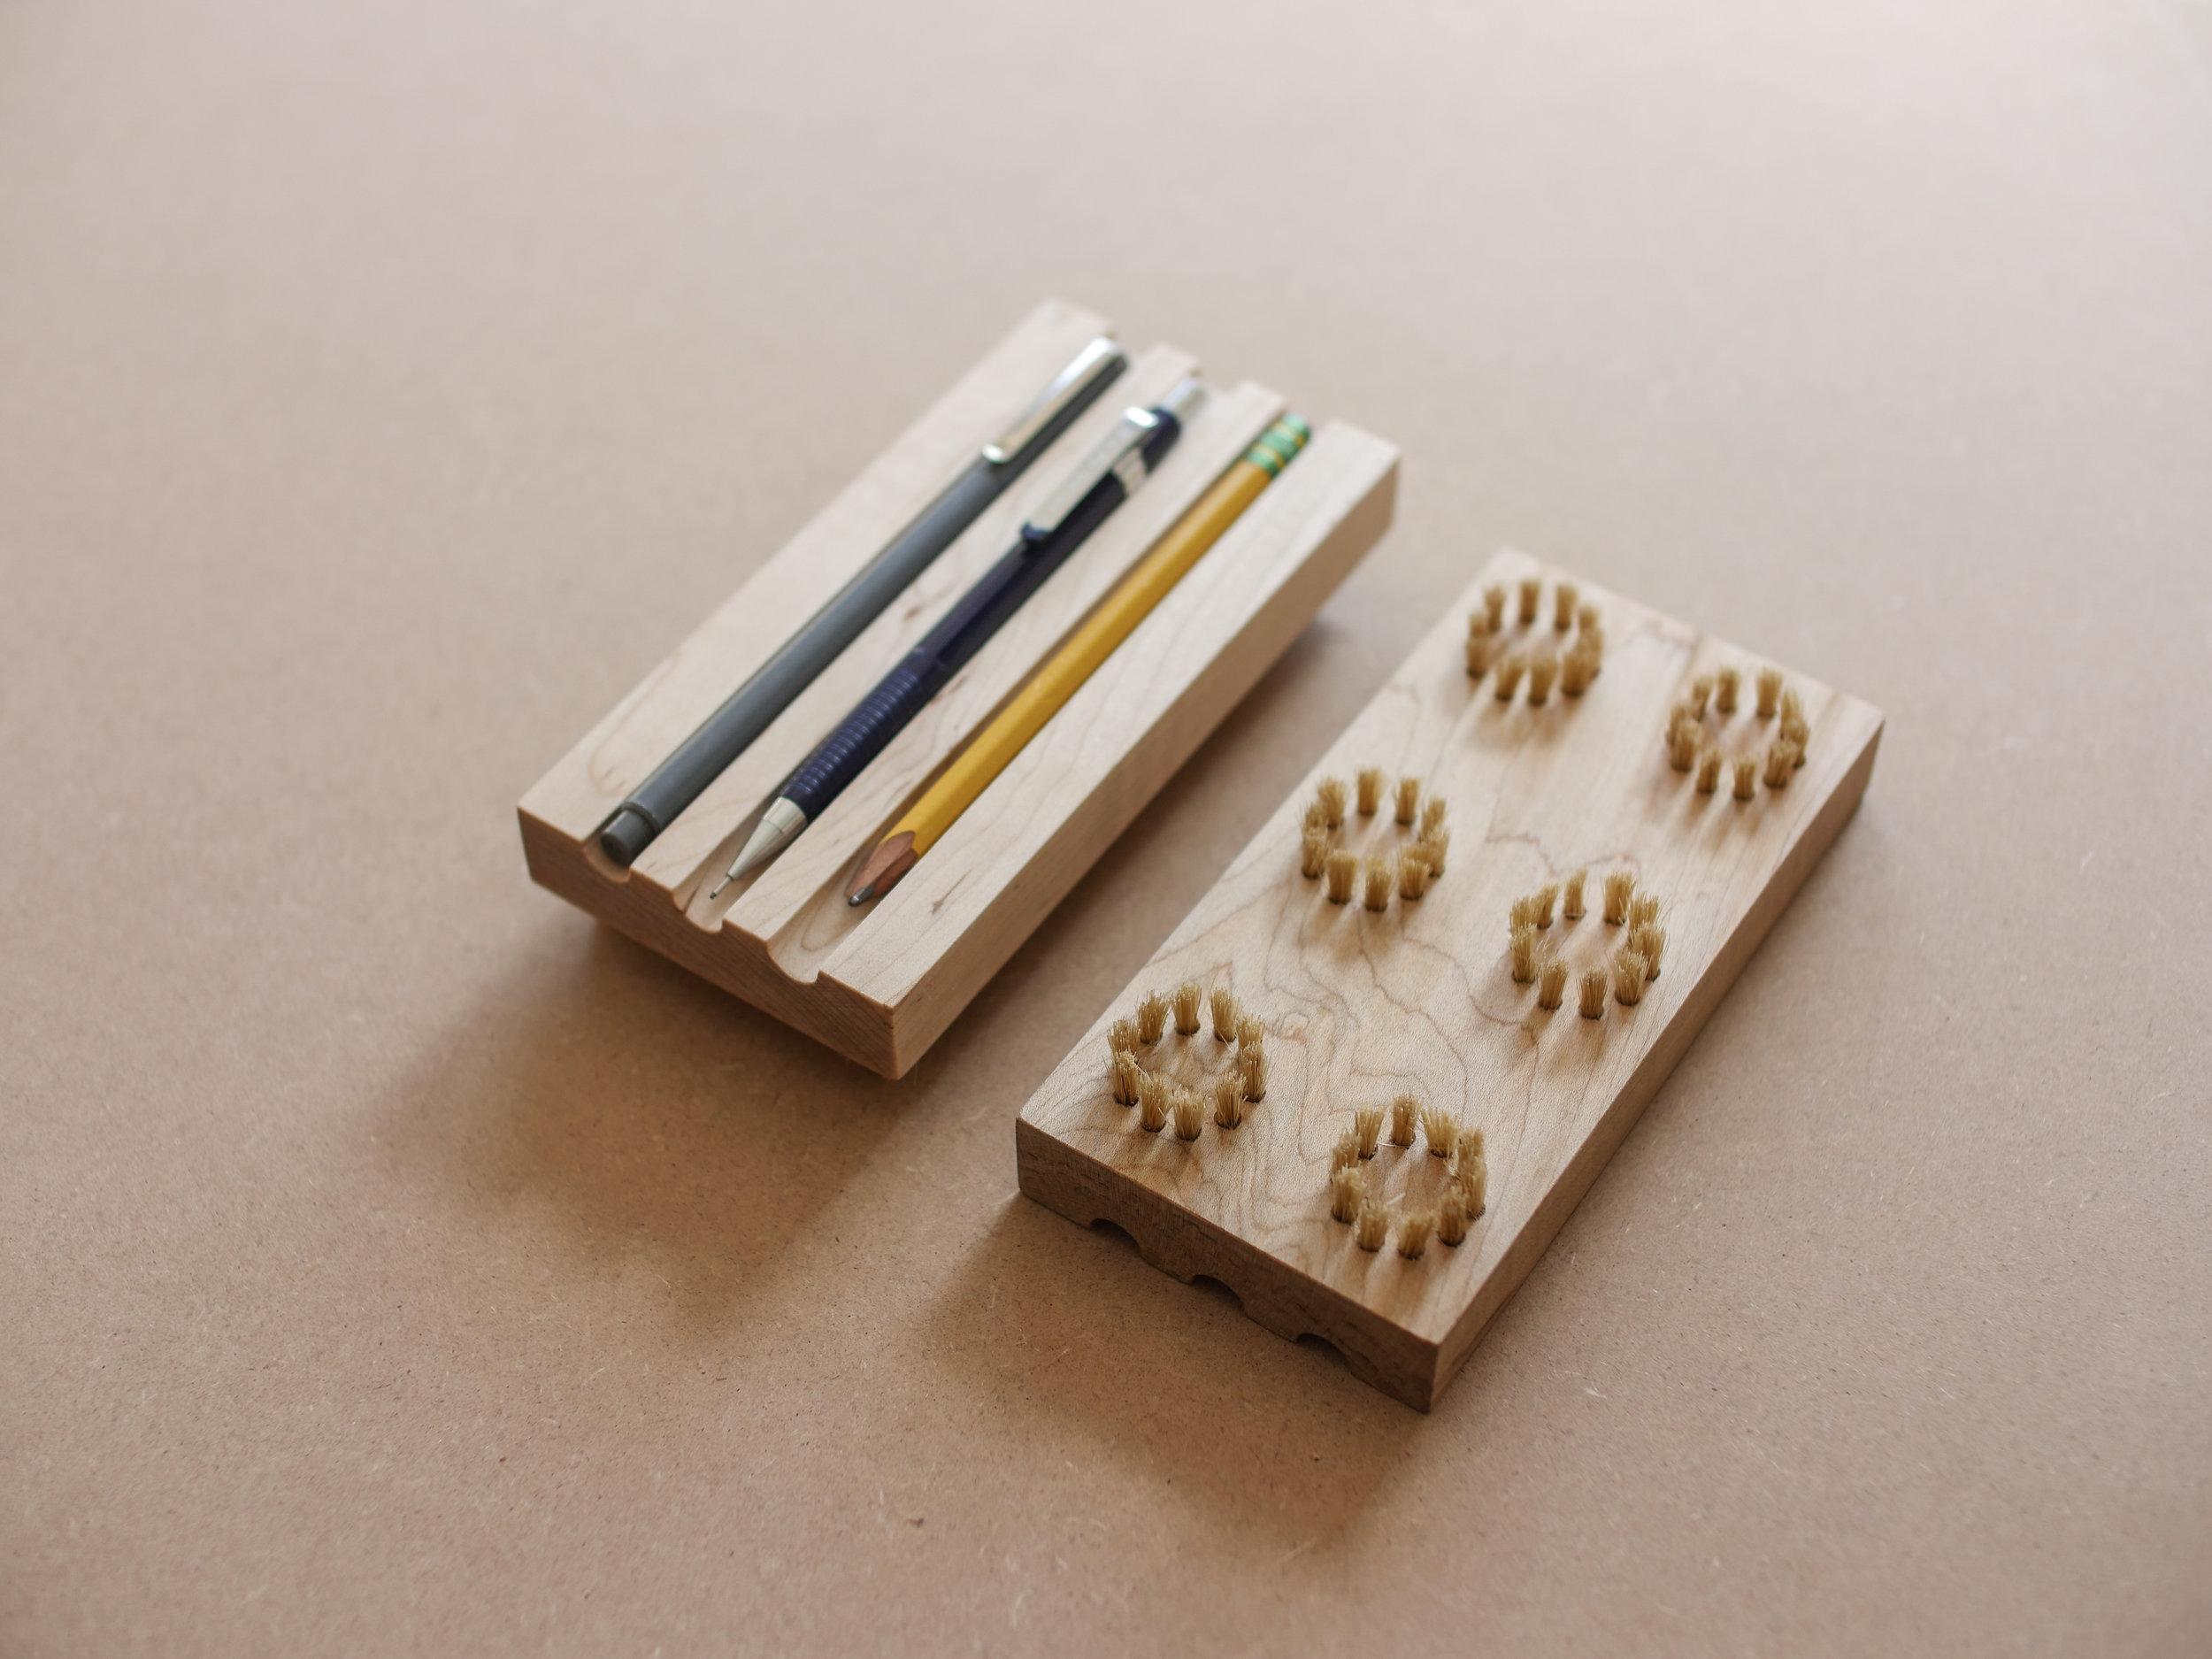 Pencil Tray - No. 2